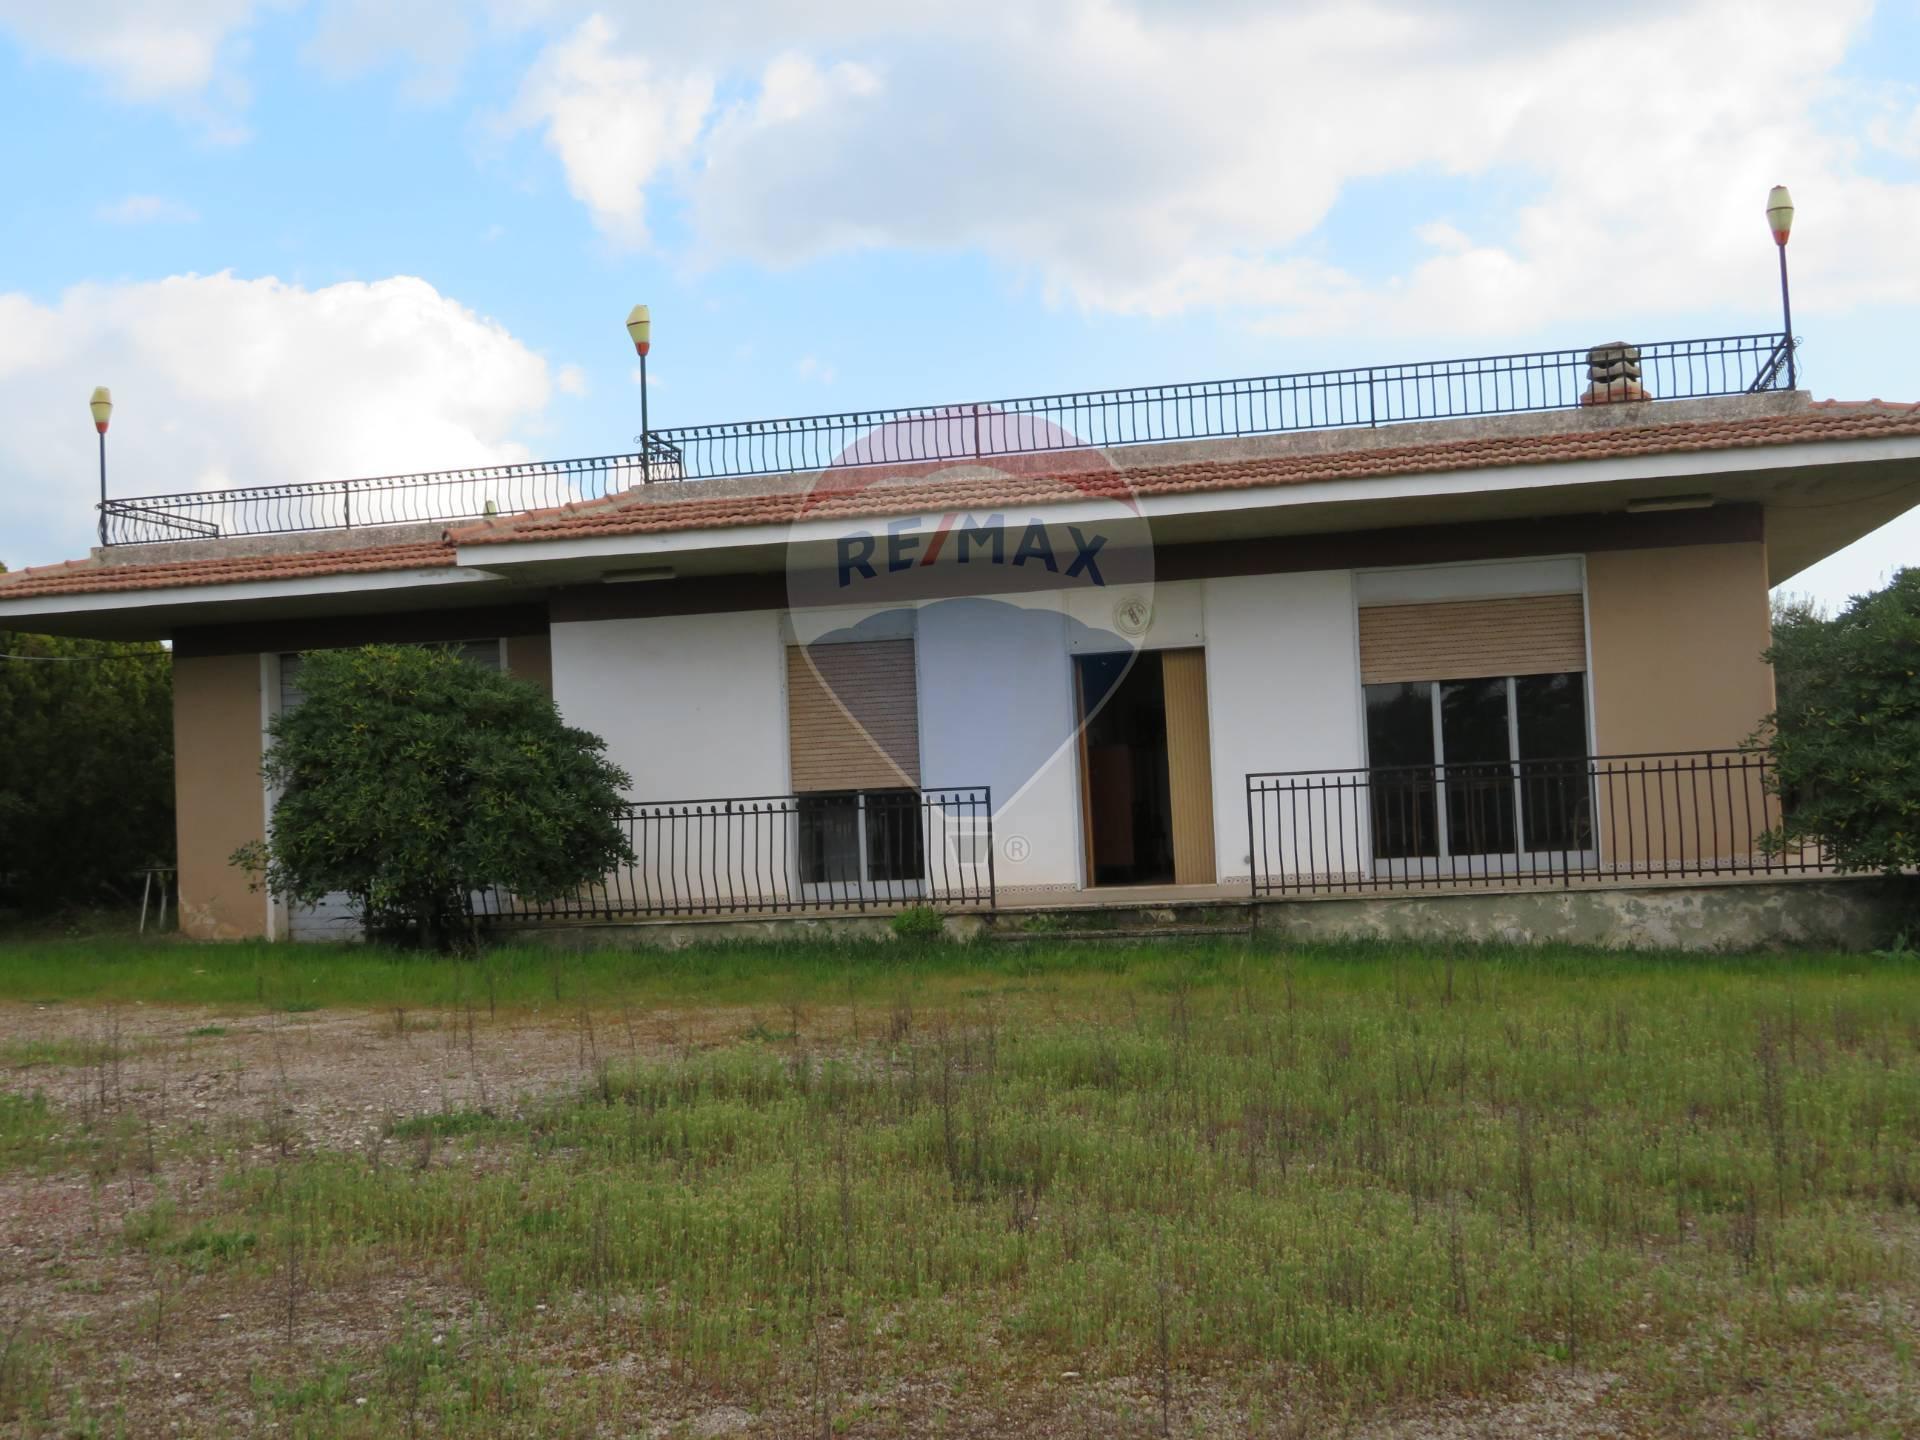 Villa in vendita a Chiaramonte Gulfi, 6 locali, prezzo € 100.000 | CambioCasa.it